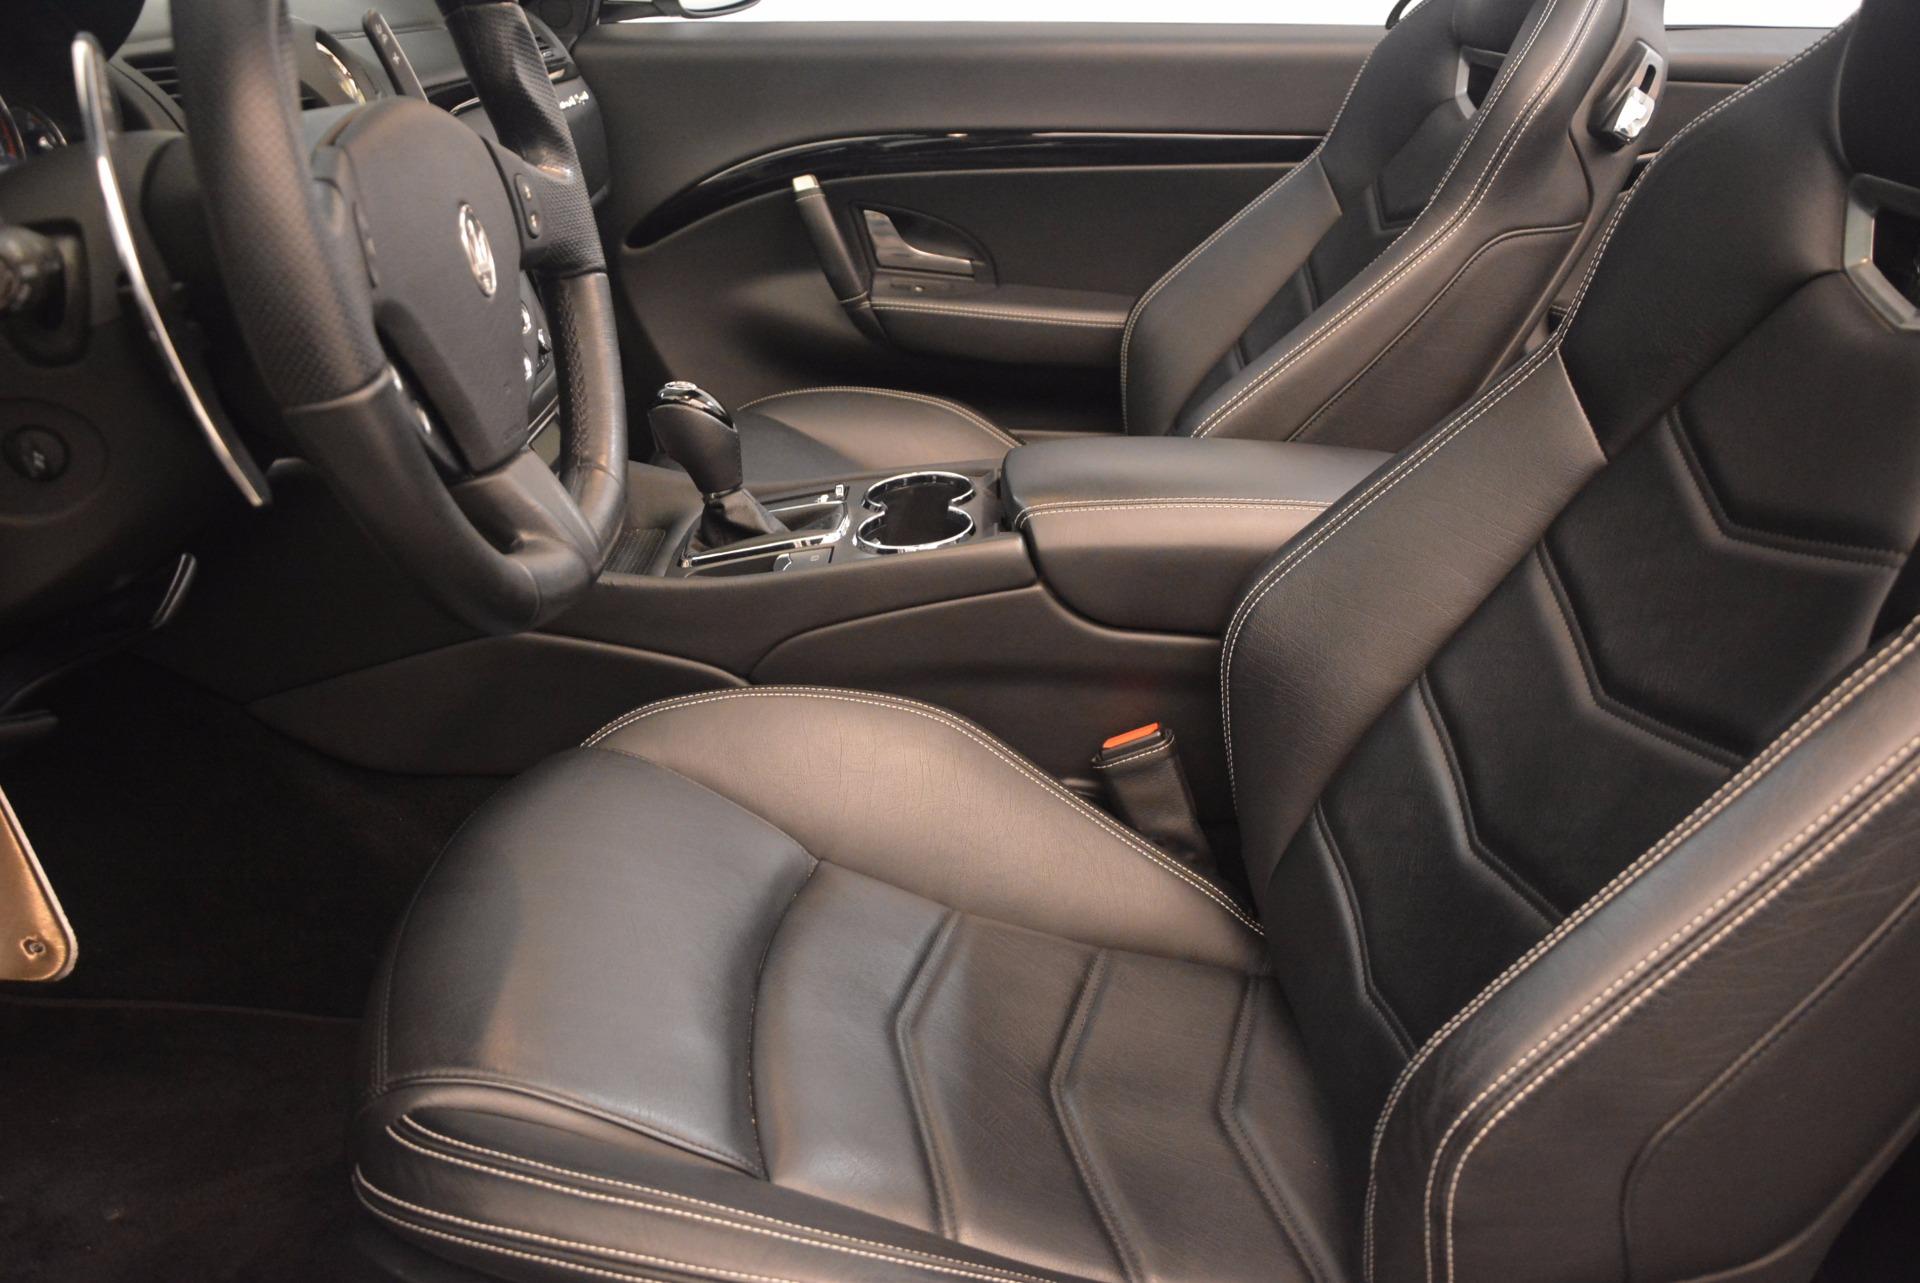 Used 2014 Maserati GranTurismo Sport For Sale In Westport, CT 1128_p44